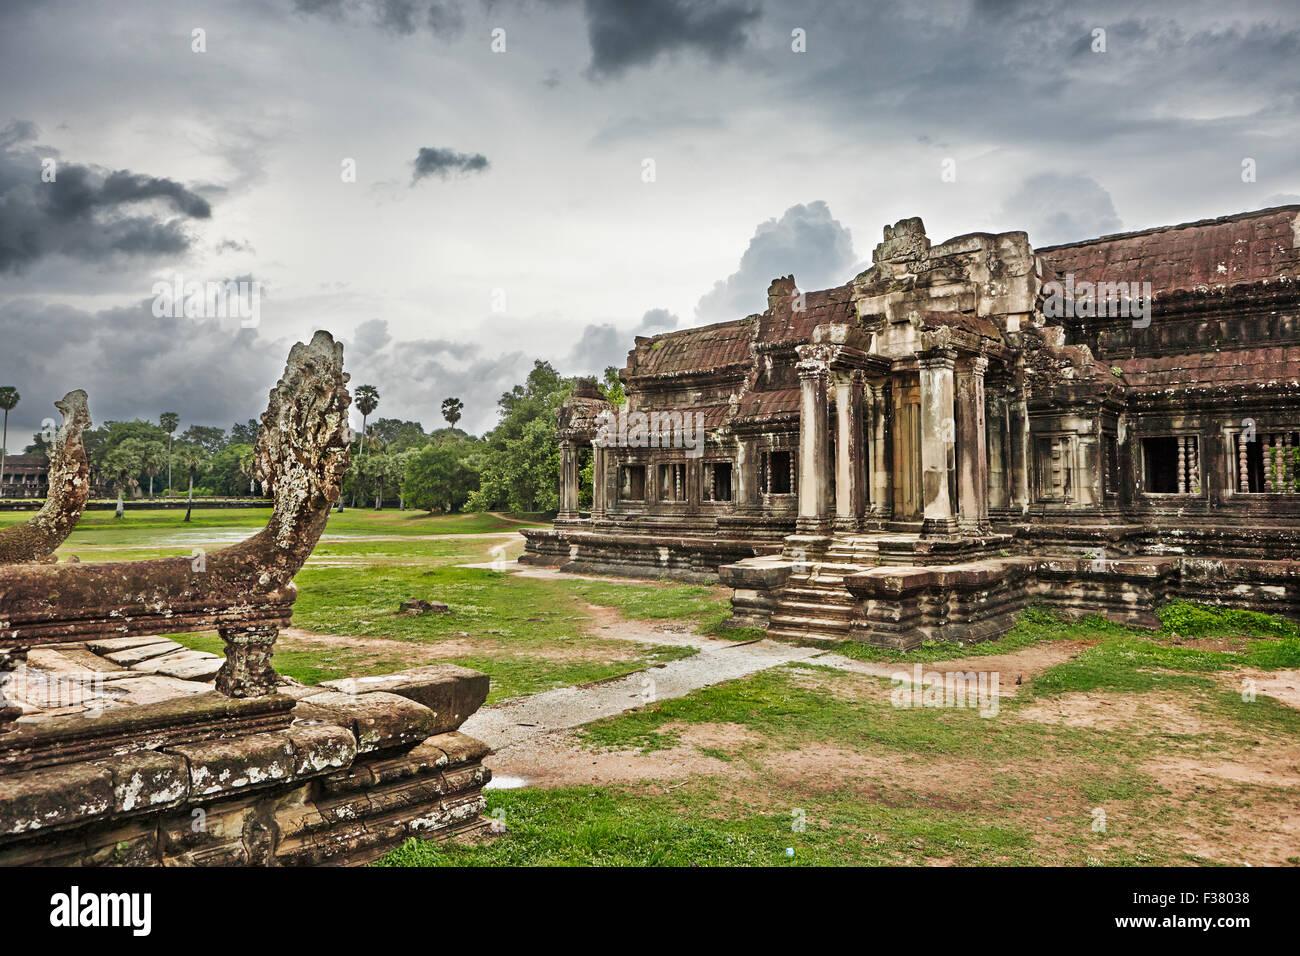 Creazione di librerie a Angkor Wat tempio complesso. Parco Archeologico di Angkor, Siem Reap Provincia, in Cambogia. Immagini Stock